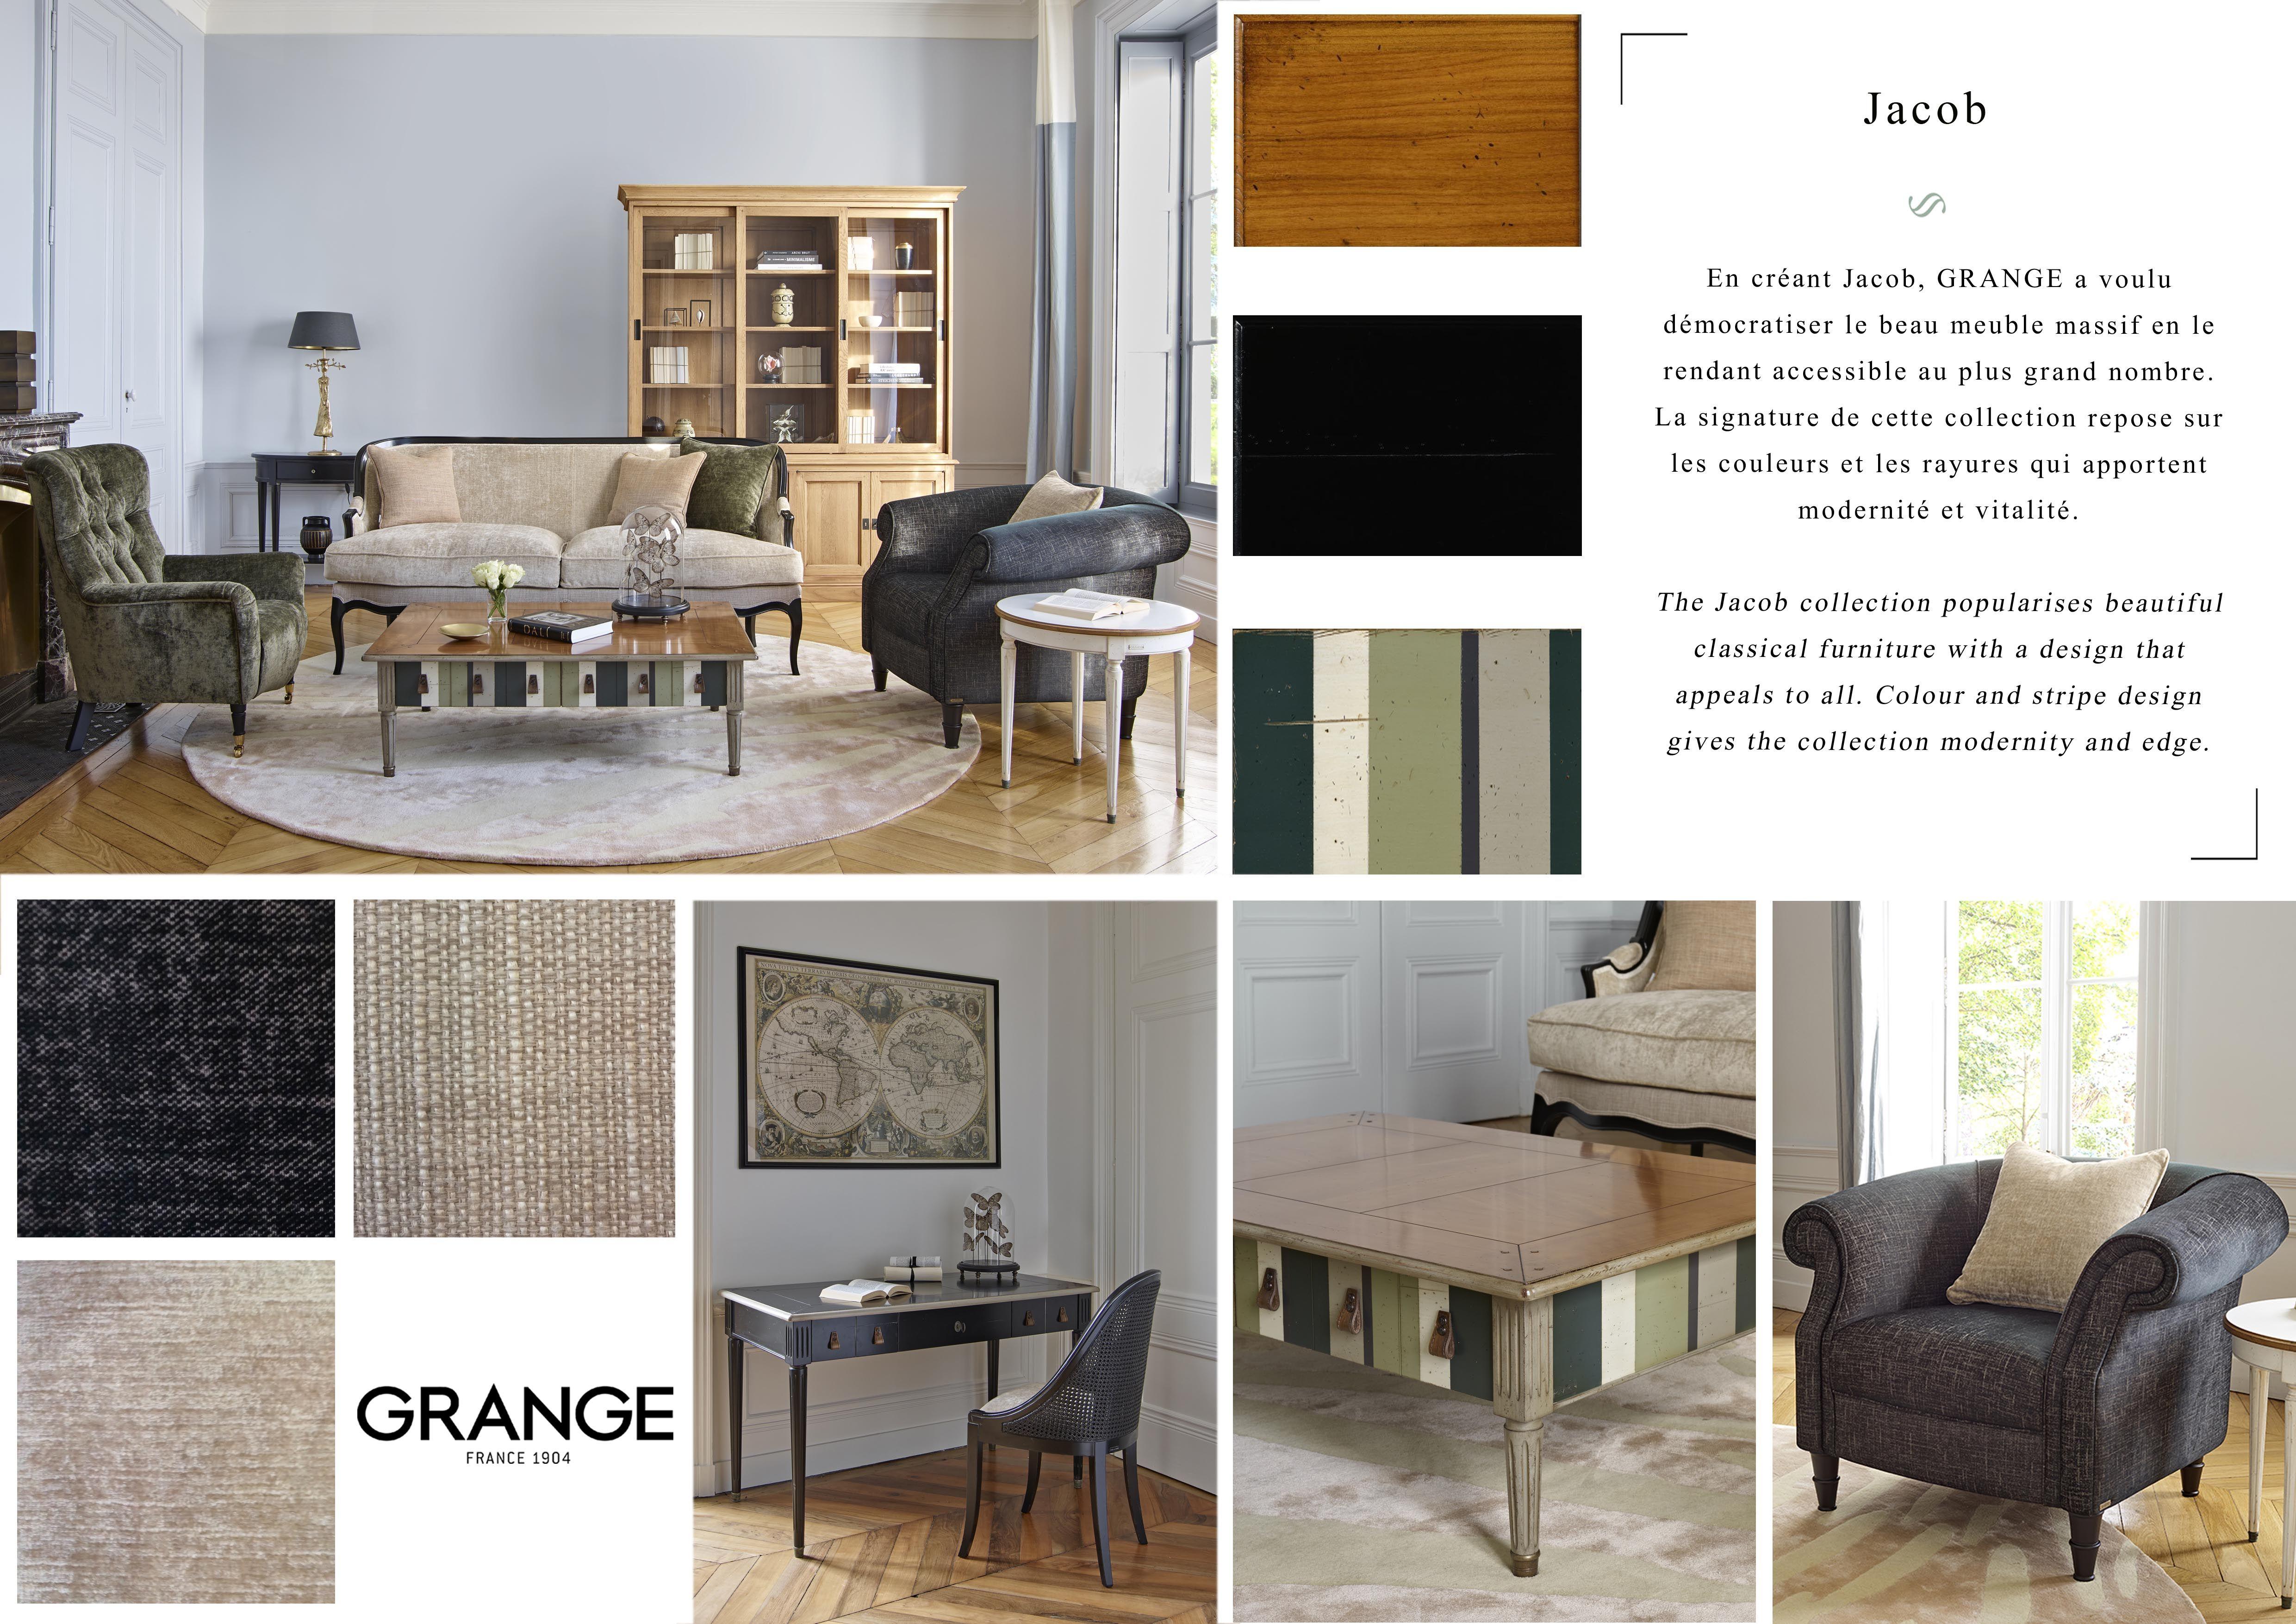 En Creant Jacob Grange A Voulu Democratiser Le Beau Meuble Massif En Le Rendant Accessible Au Plus Grand Nombre La Sign Meuble Massif Beaux Meubles Modernite